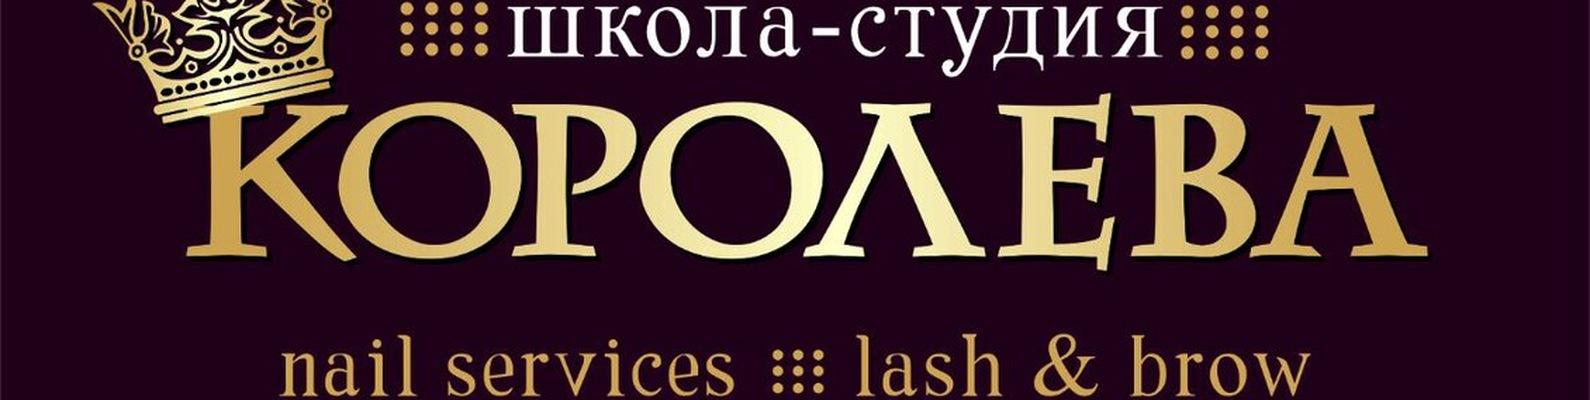 Брови/Ресницы/Маникюр/Обучение/Горно-Алтайск | ВКонтакте